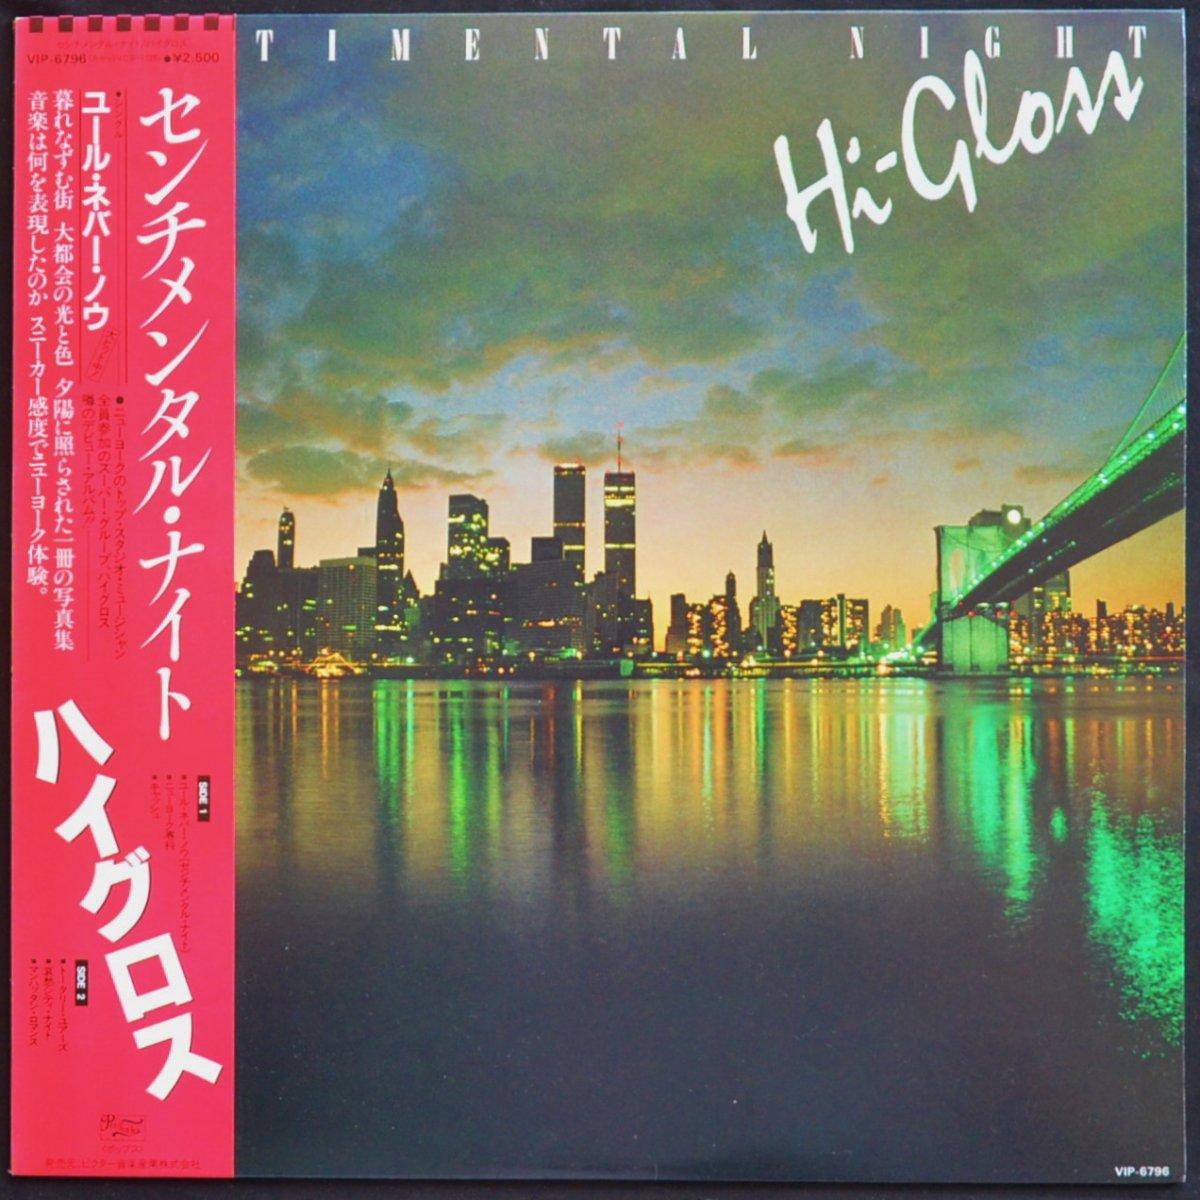 ハイグロス HI-GLOSS / センチメンタル・ナイト SENTIMENTAL NIGHT (LP)